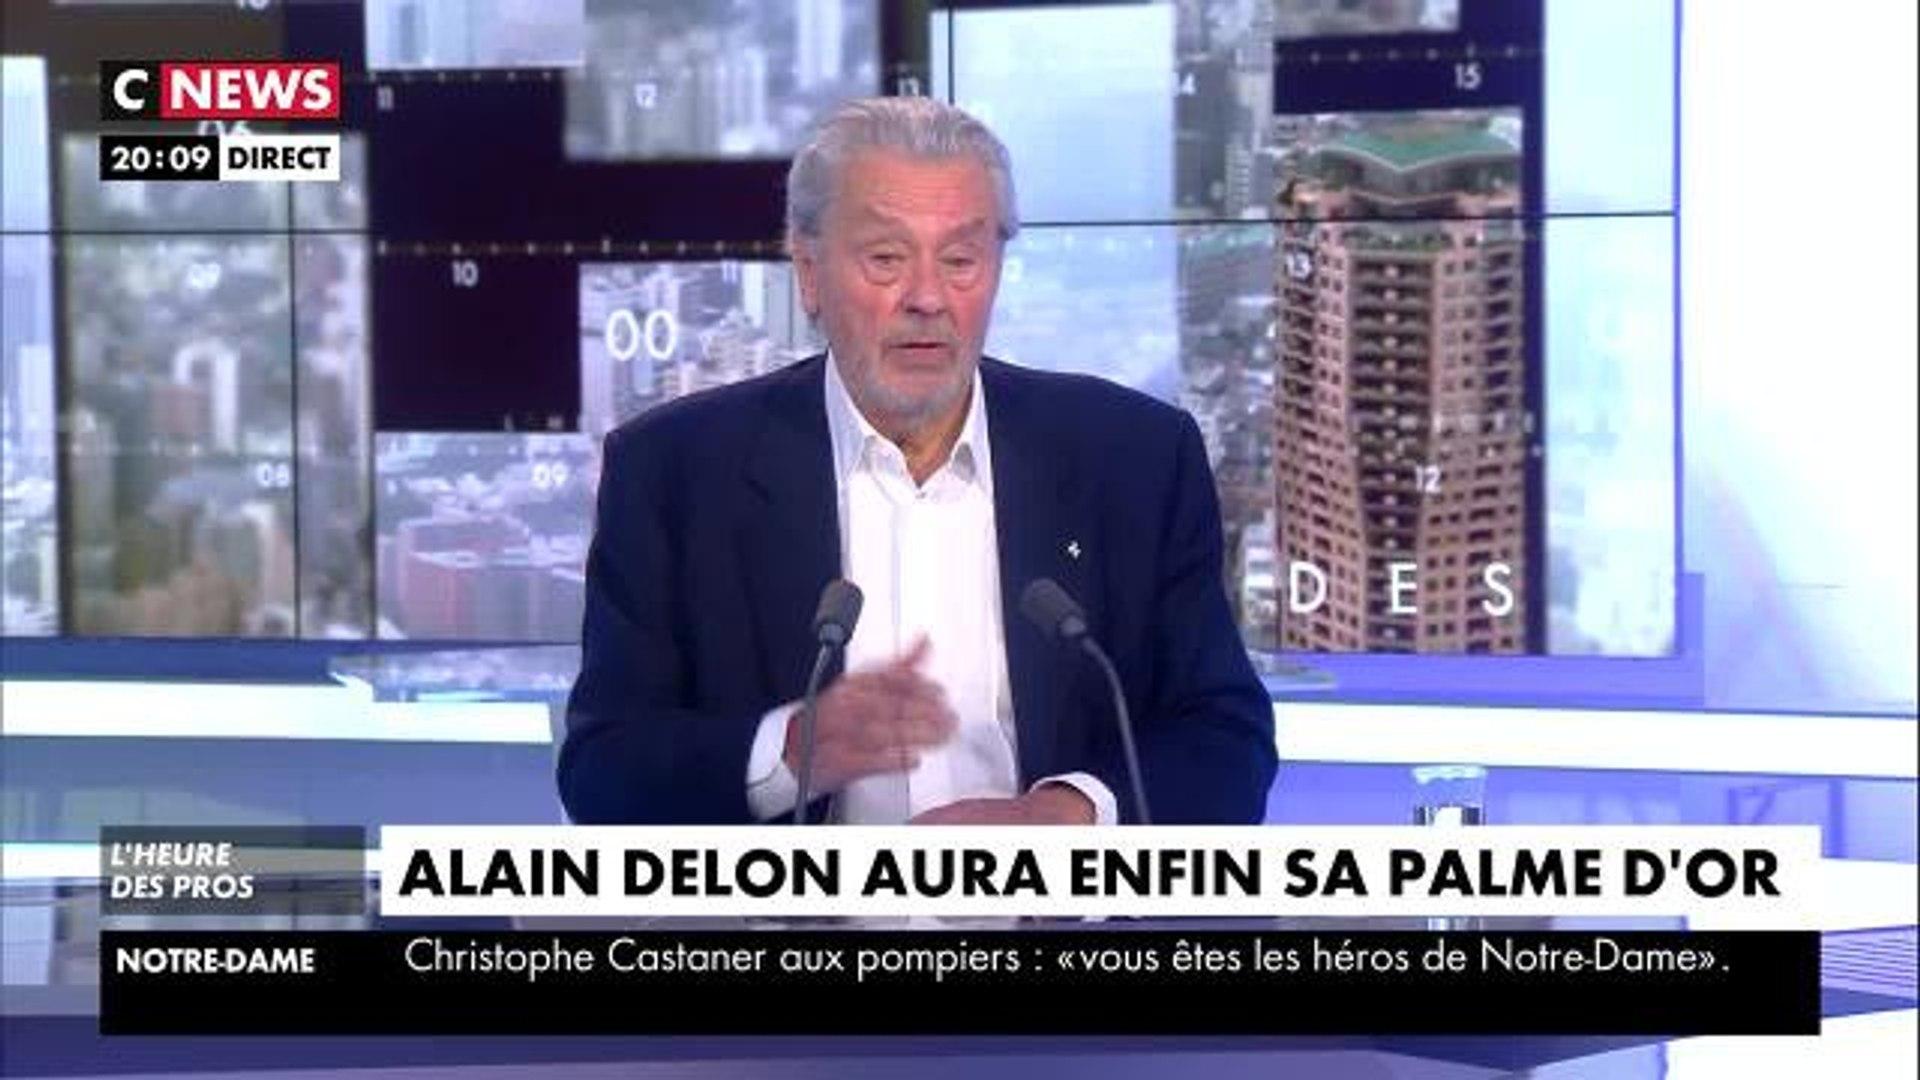 Festival de Cannes 2019. Alain Delon réagit à sa Palme d'Or honorifique dans CNEWS, jeudi 18 avril